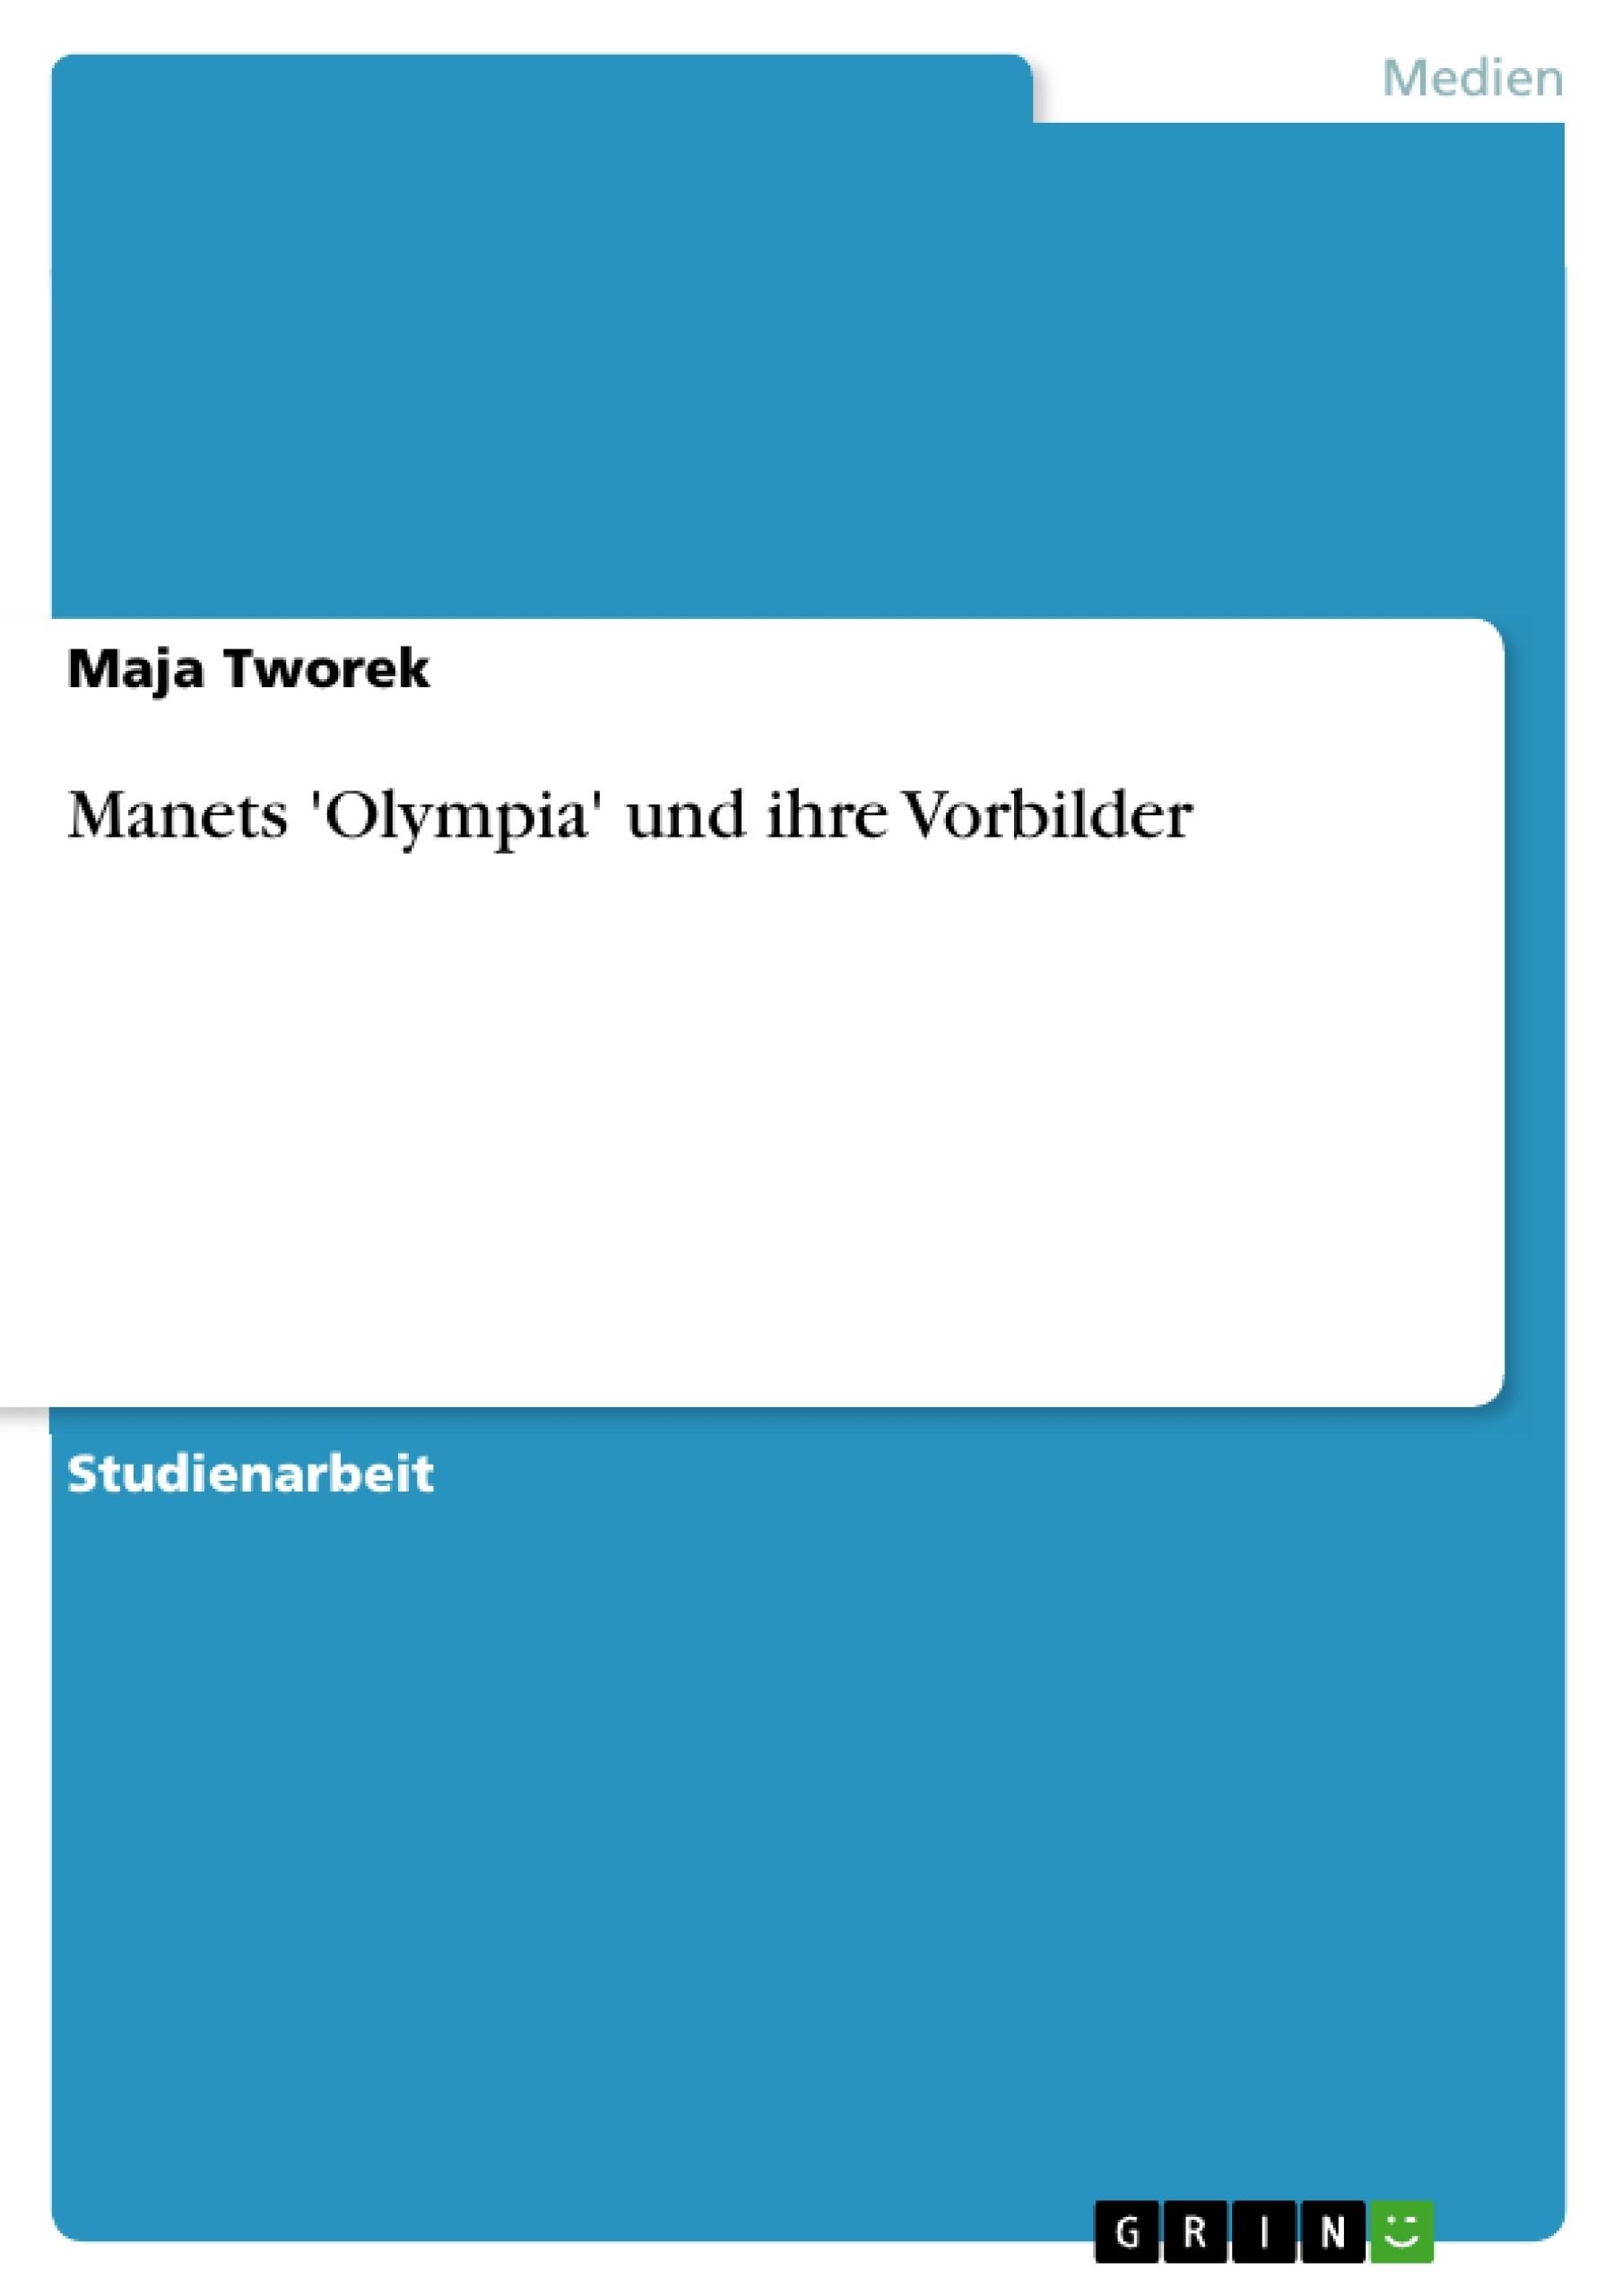 Titel: Manets 'Olympia' und ihre Vorbilder